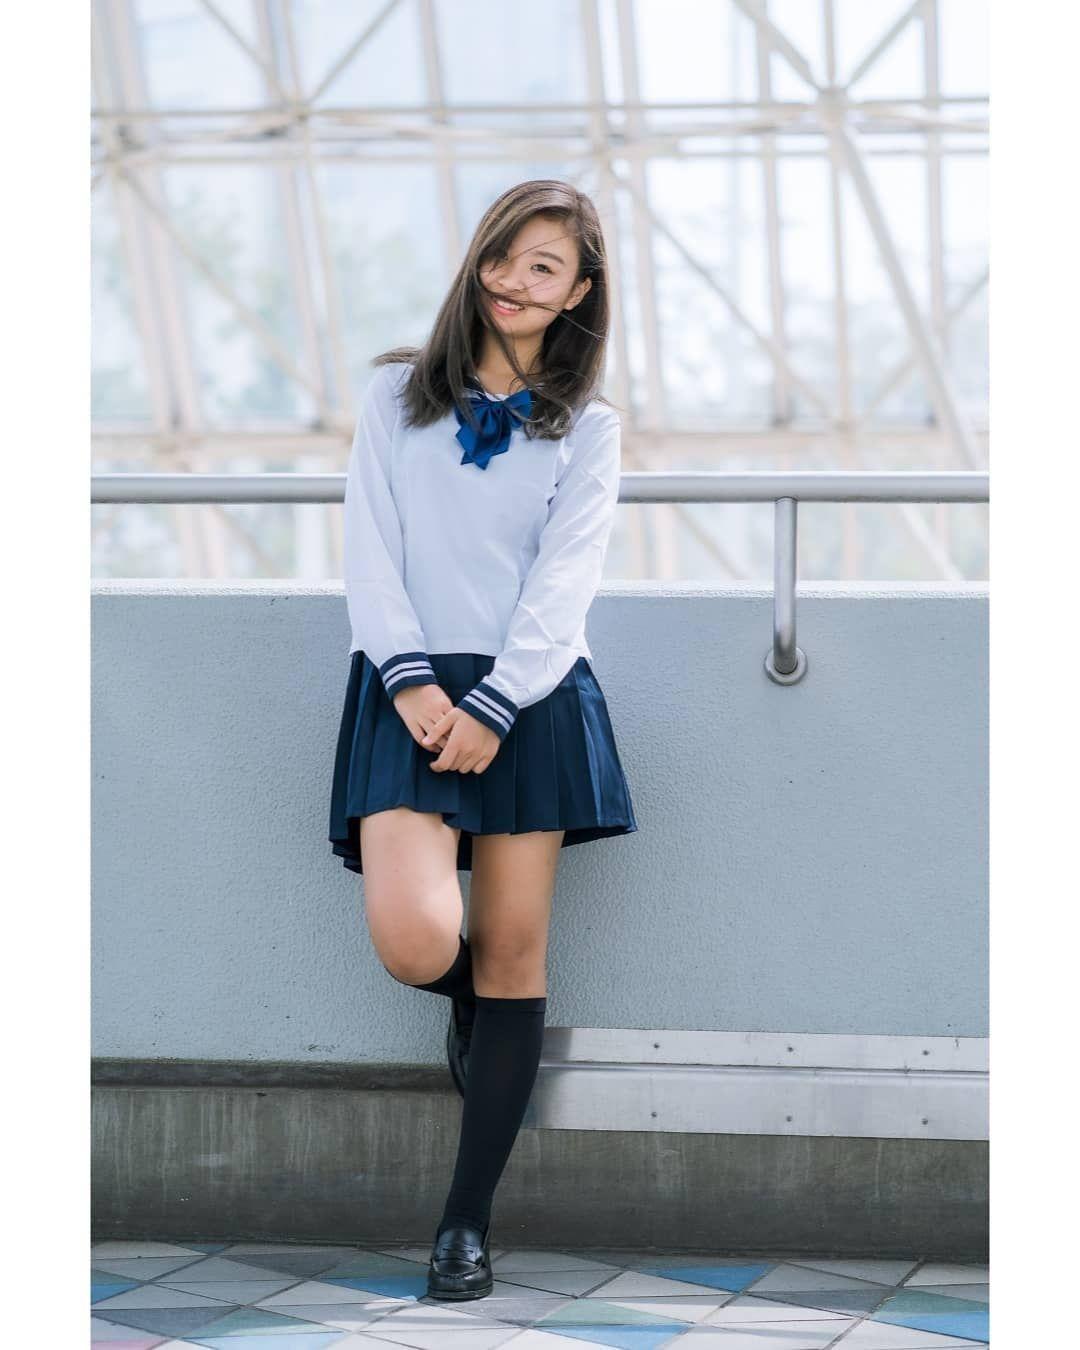 """優斗's Instagram photo: """". RINOさん . 【再レタッチ】 . #作品撮りモデル #portrait #ポートレート好きな人と繋がりたい #ポートレート #東京カメラ部 #girl #cute #love #portraits_dream #portrait_ig…"""""""